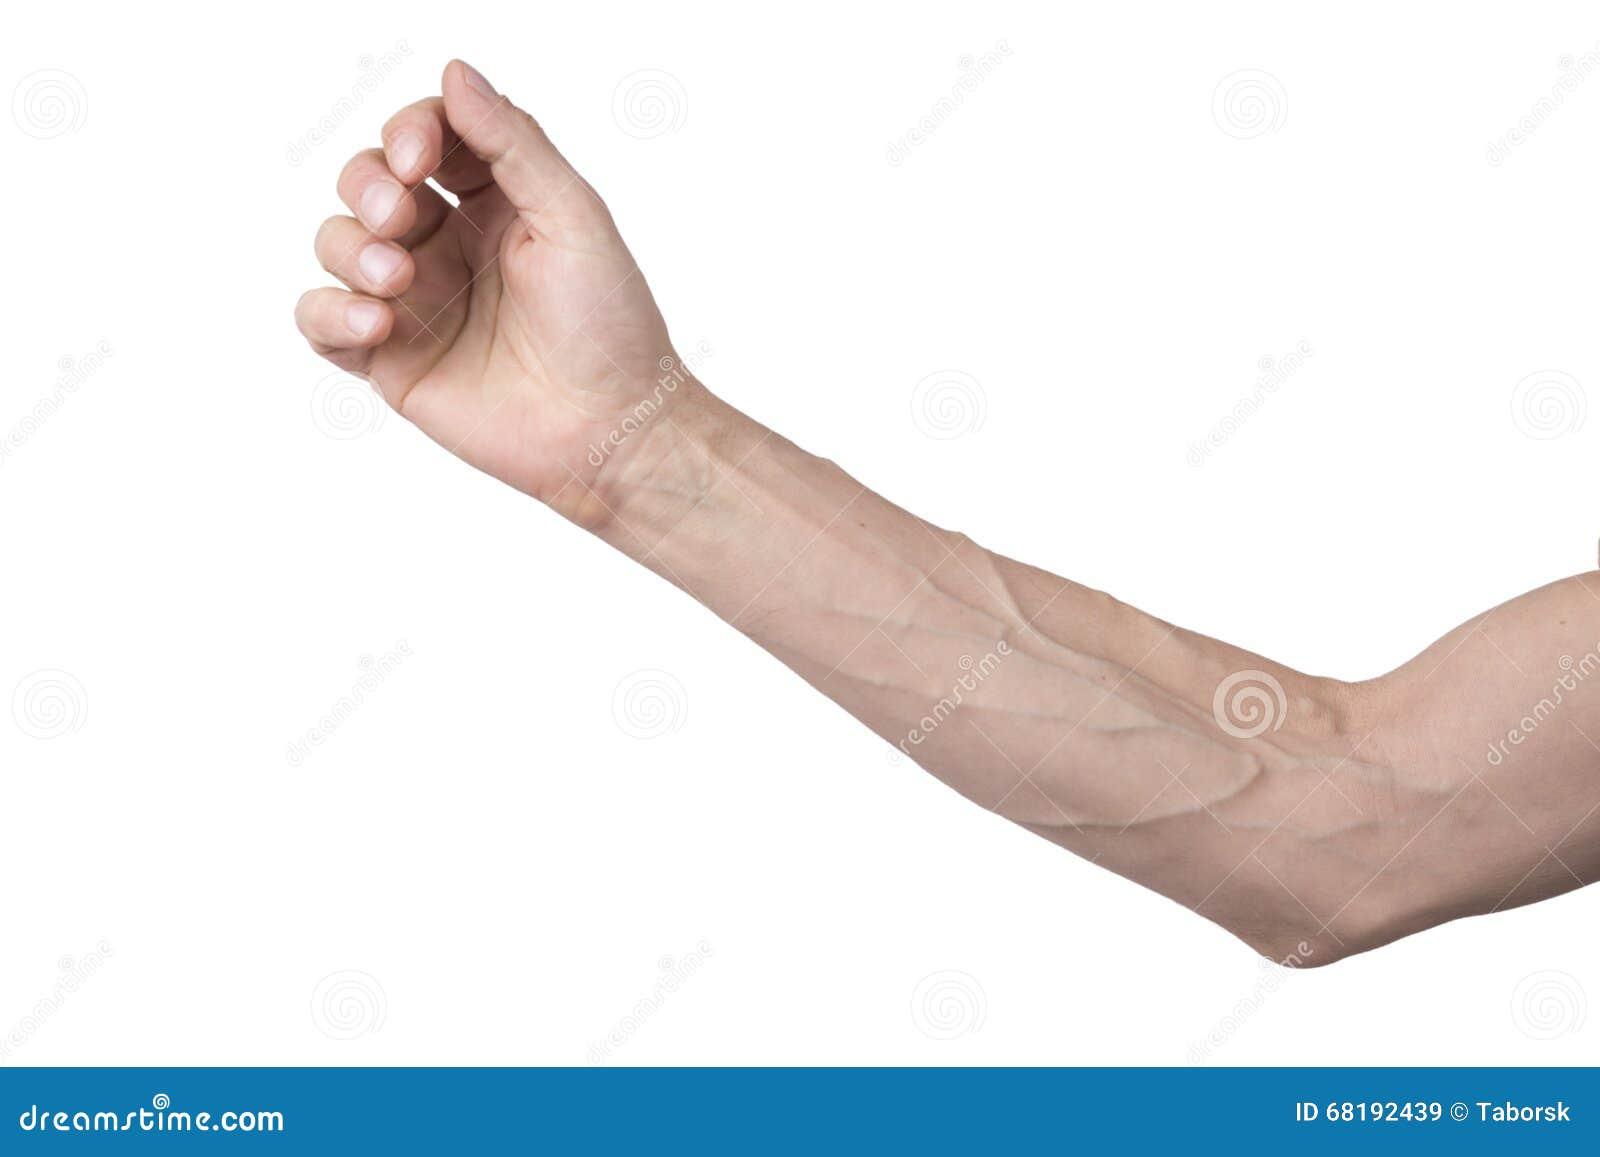 Venas en un brazo imagen de archivo. Imagen de muscular - 68192439